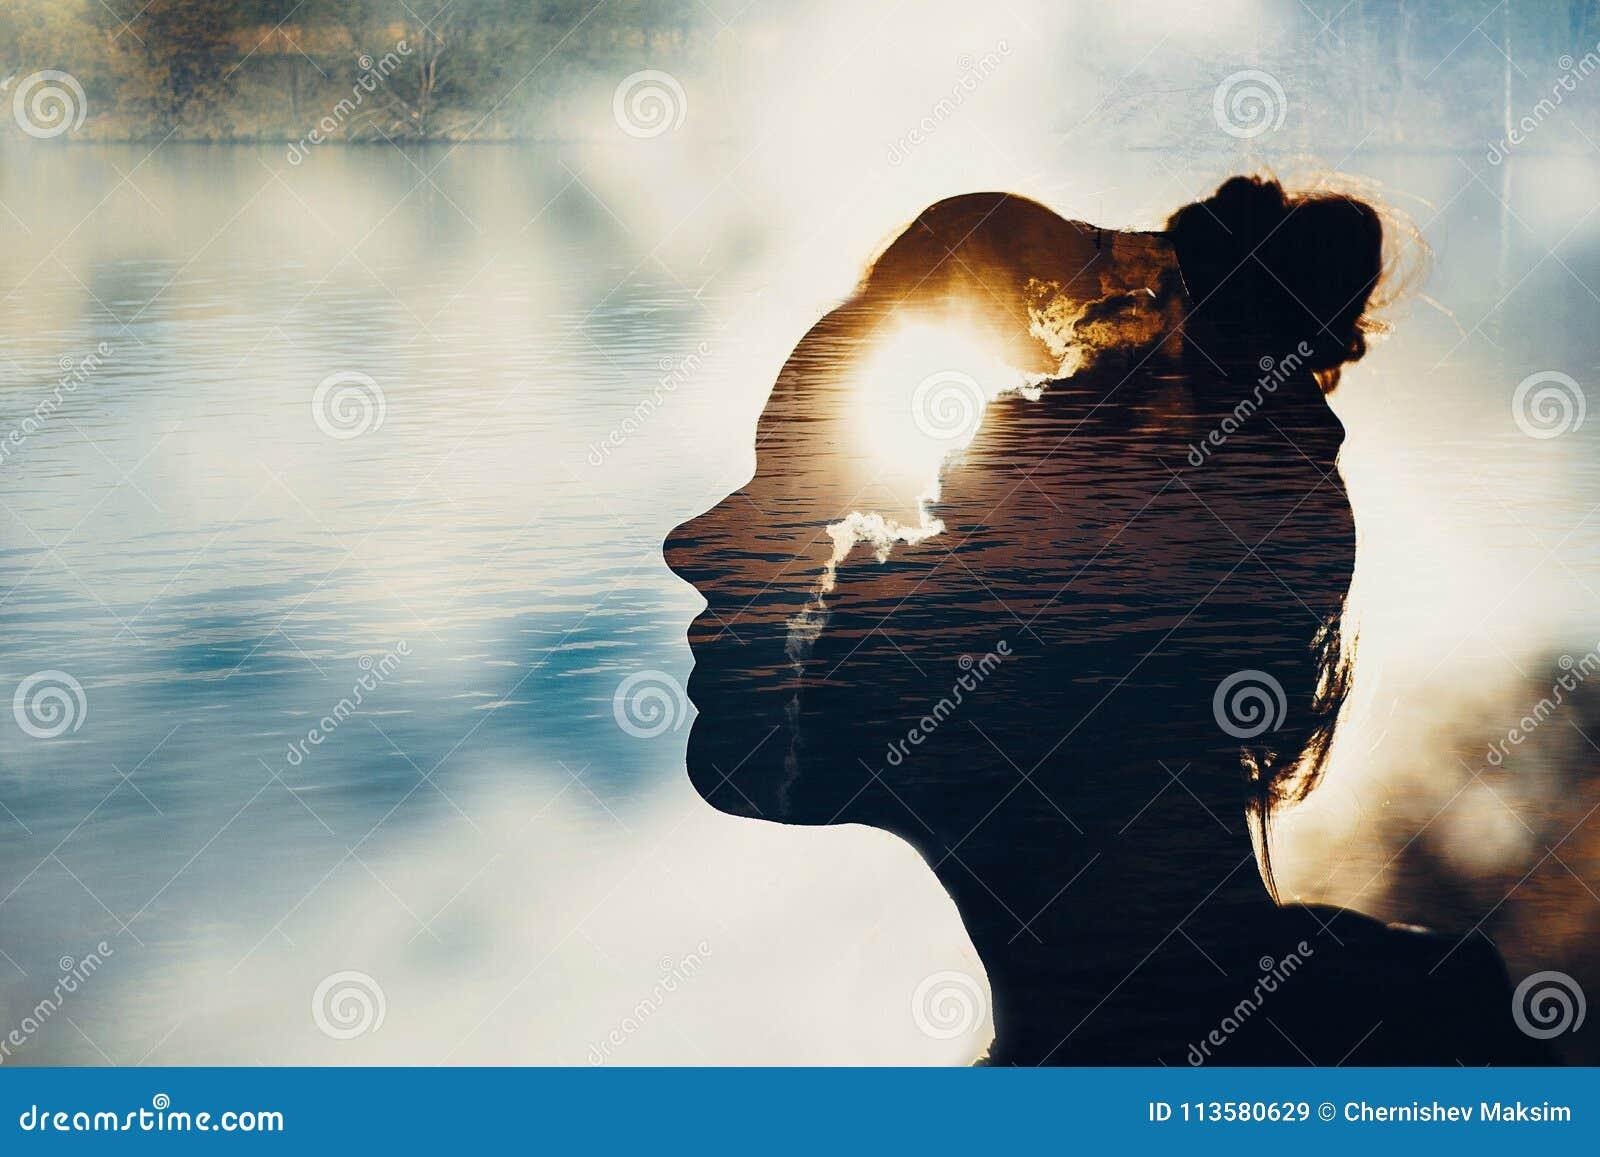 Concept psychologie en filosofiesymbool en macht van mening